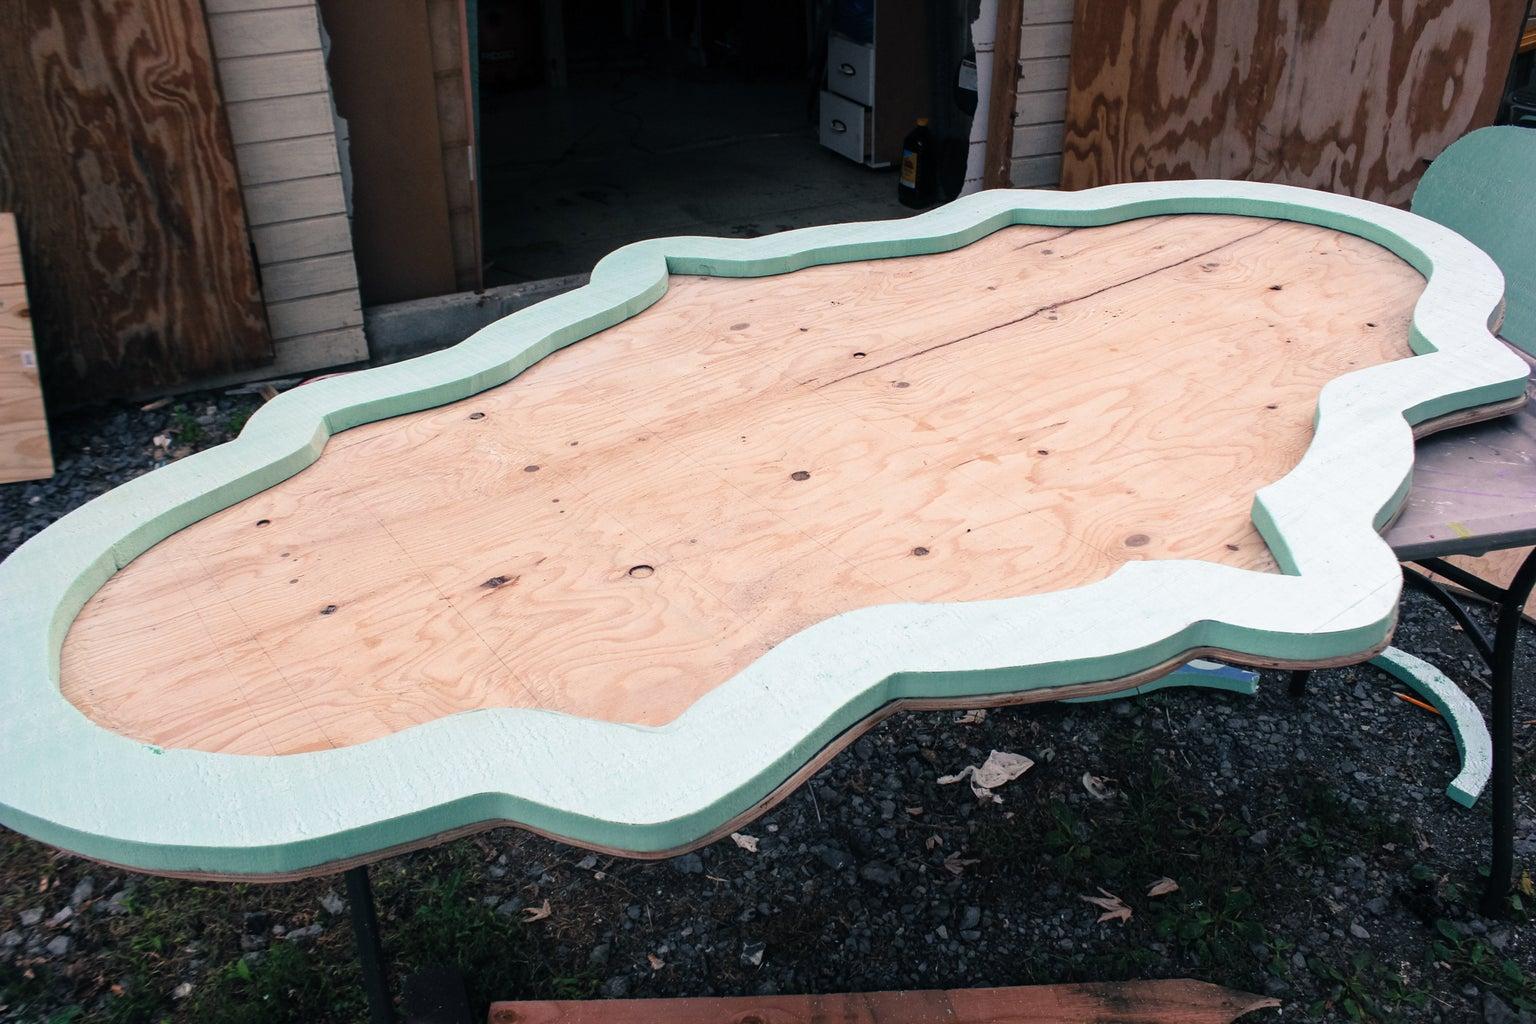 Make the Backboard and Frame